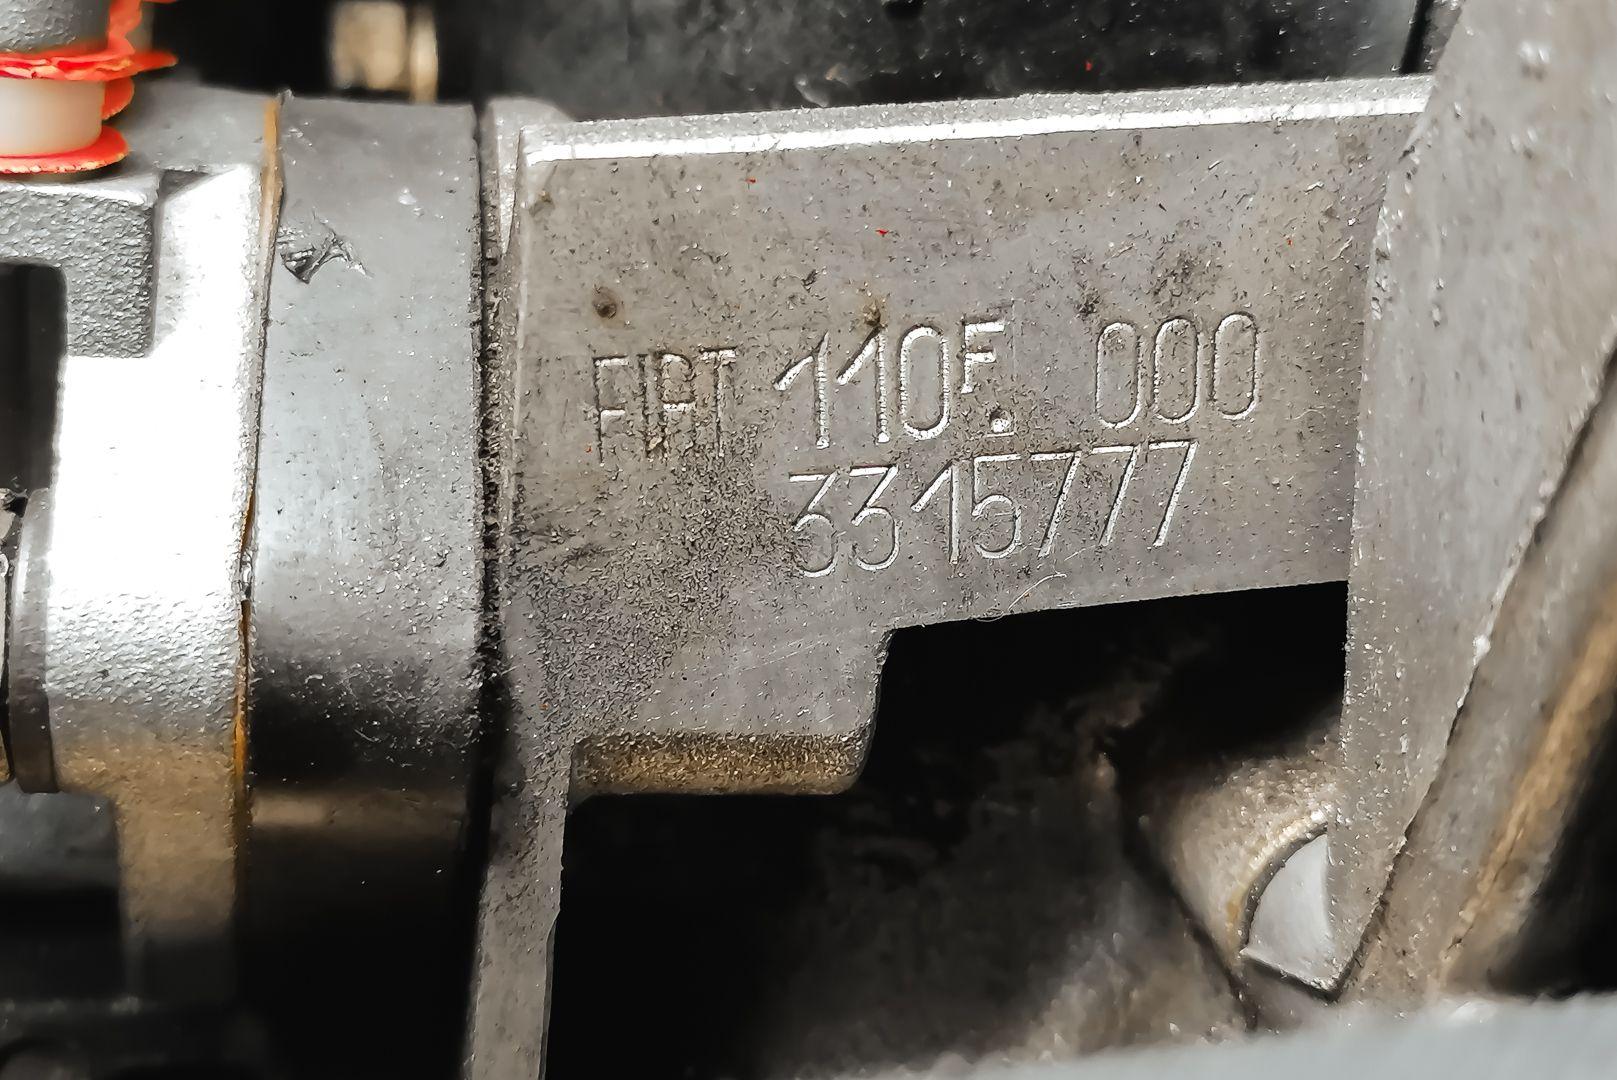 1972 Fiat 500 L 81607